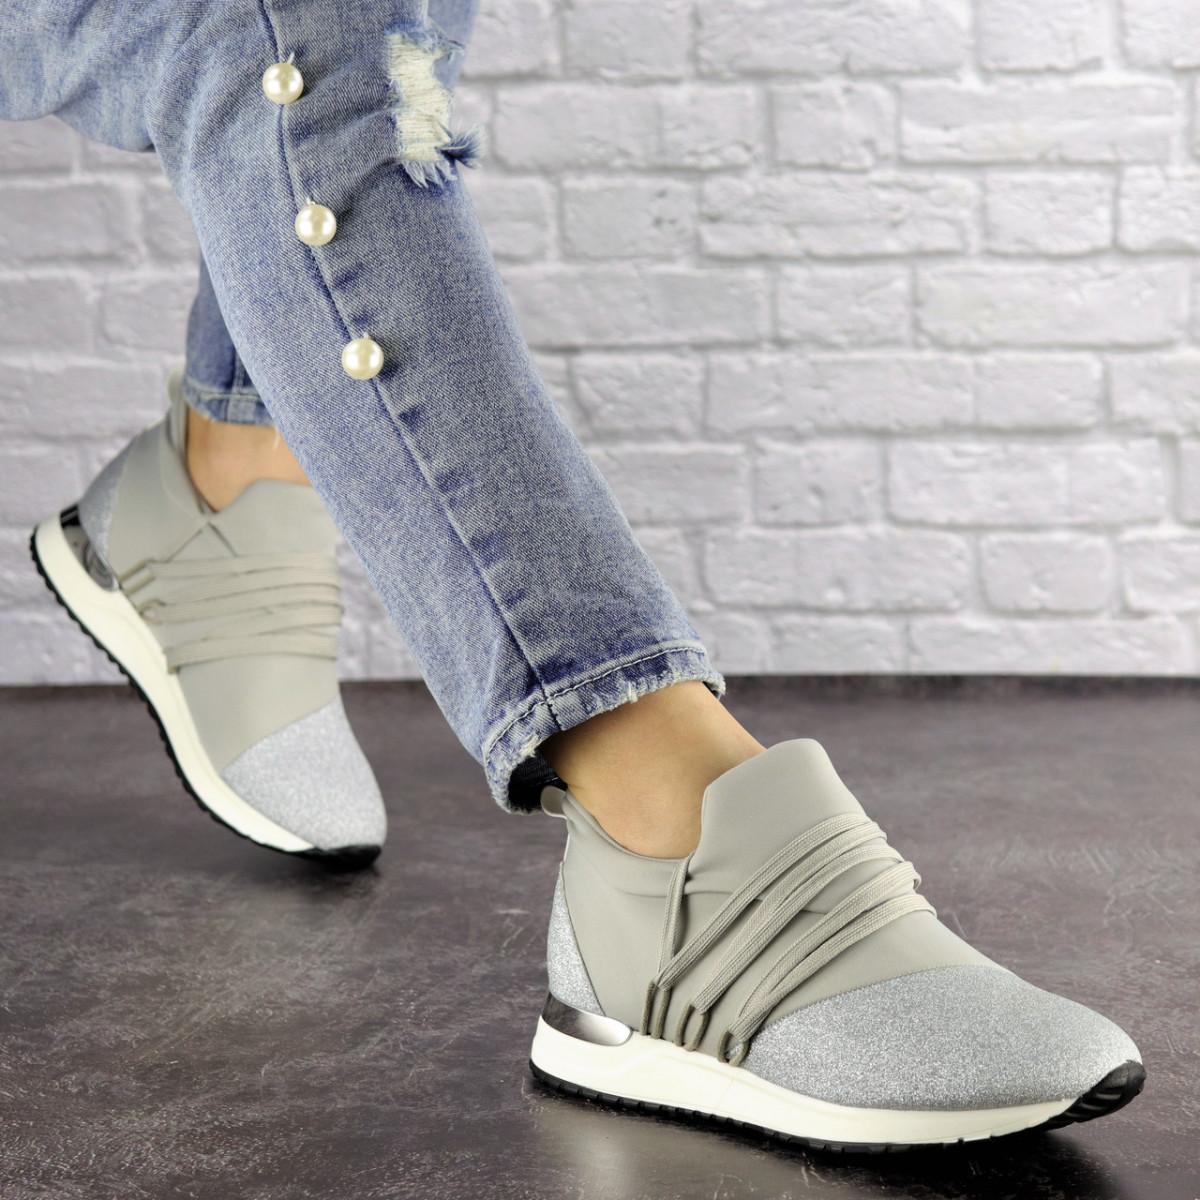 Жіночі стильні кросівки Fashion Ringer 1036 36 розмір 22,5 см Срібло